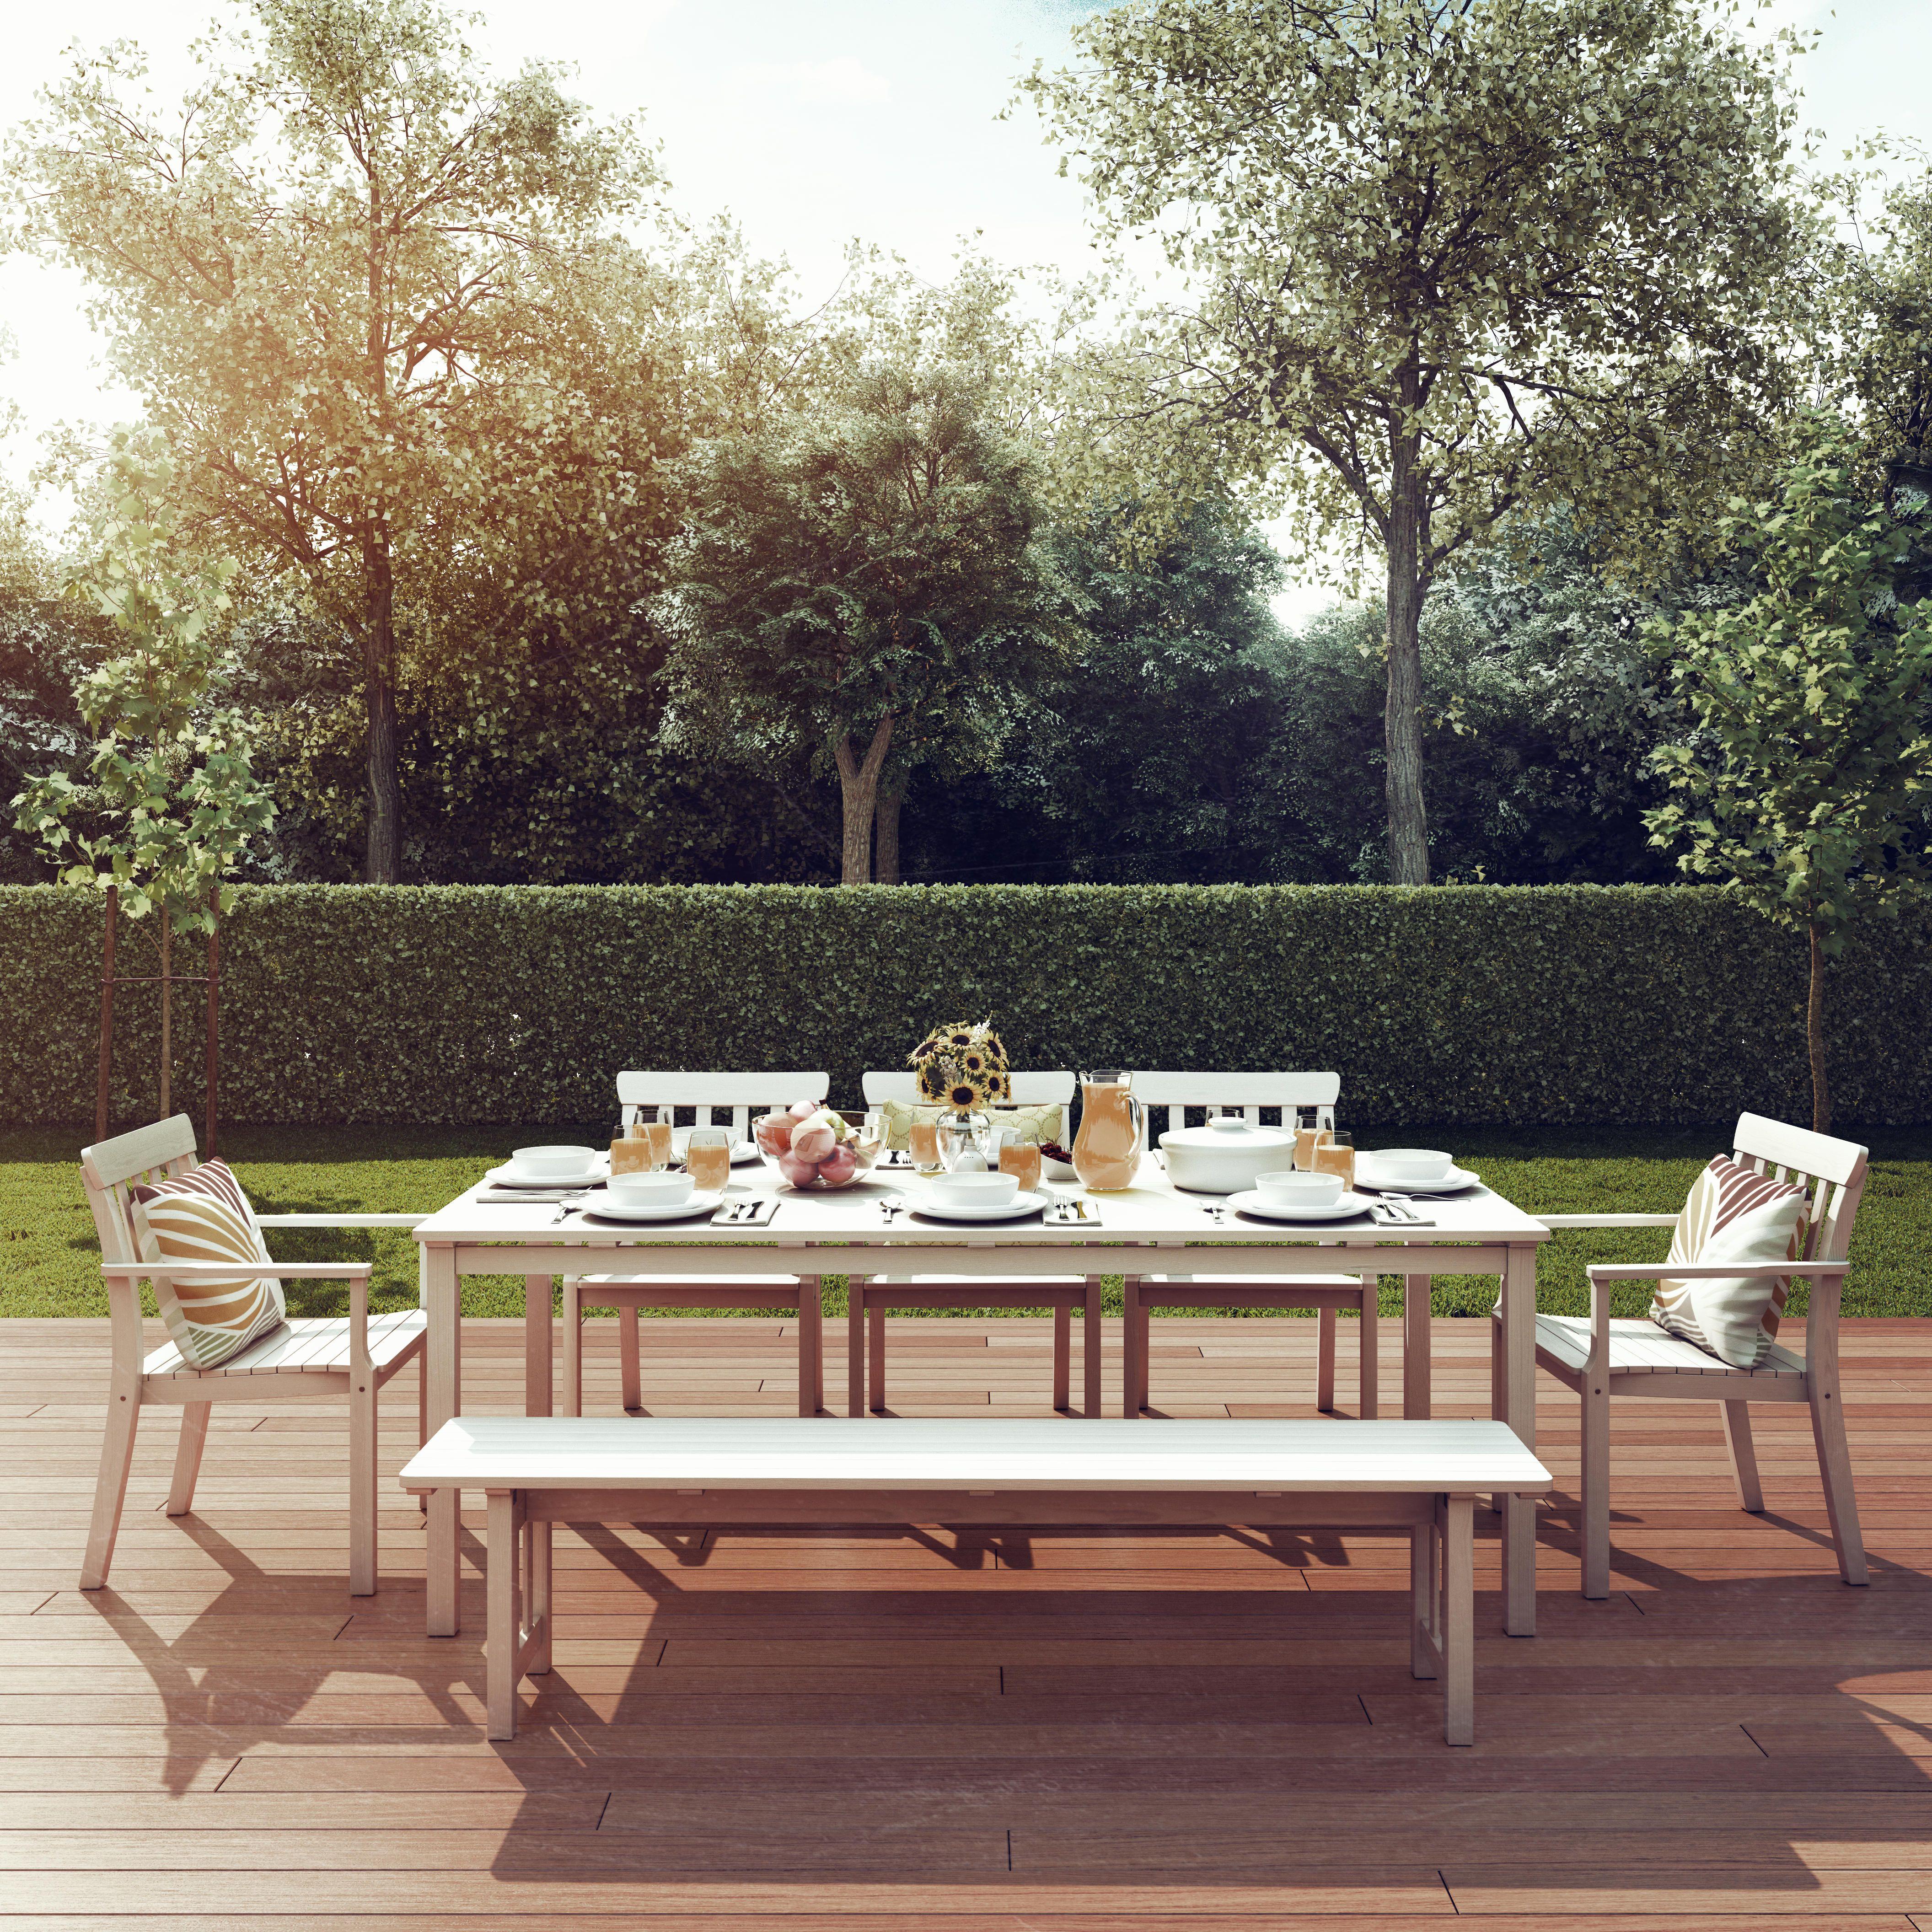 496f49aa0bedae879af4831f36c1ccb1 Meilleur De De Ikea Table Jardin Conception